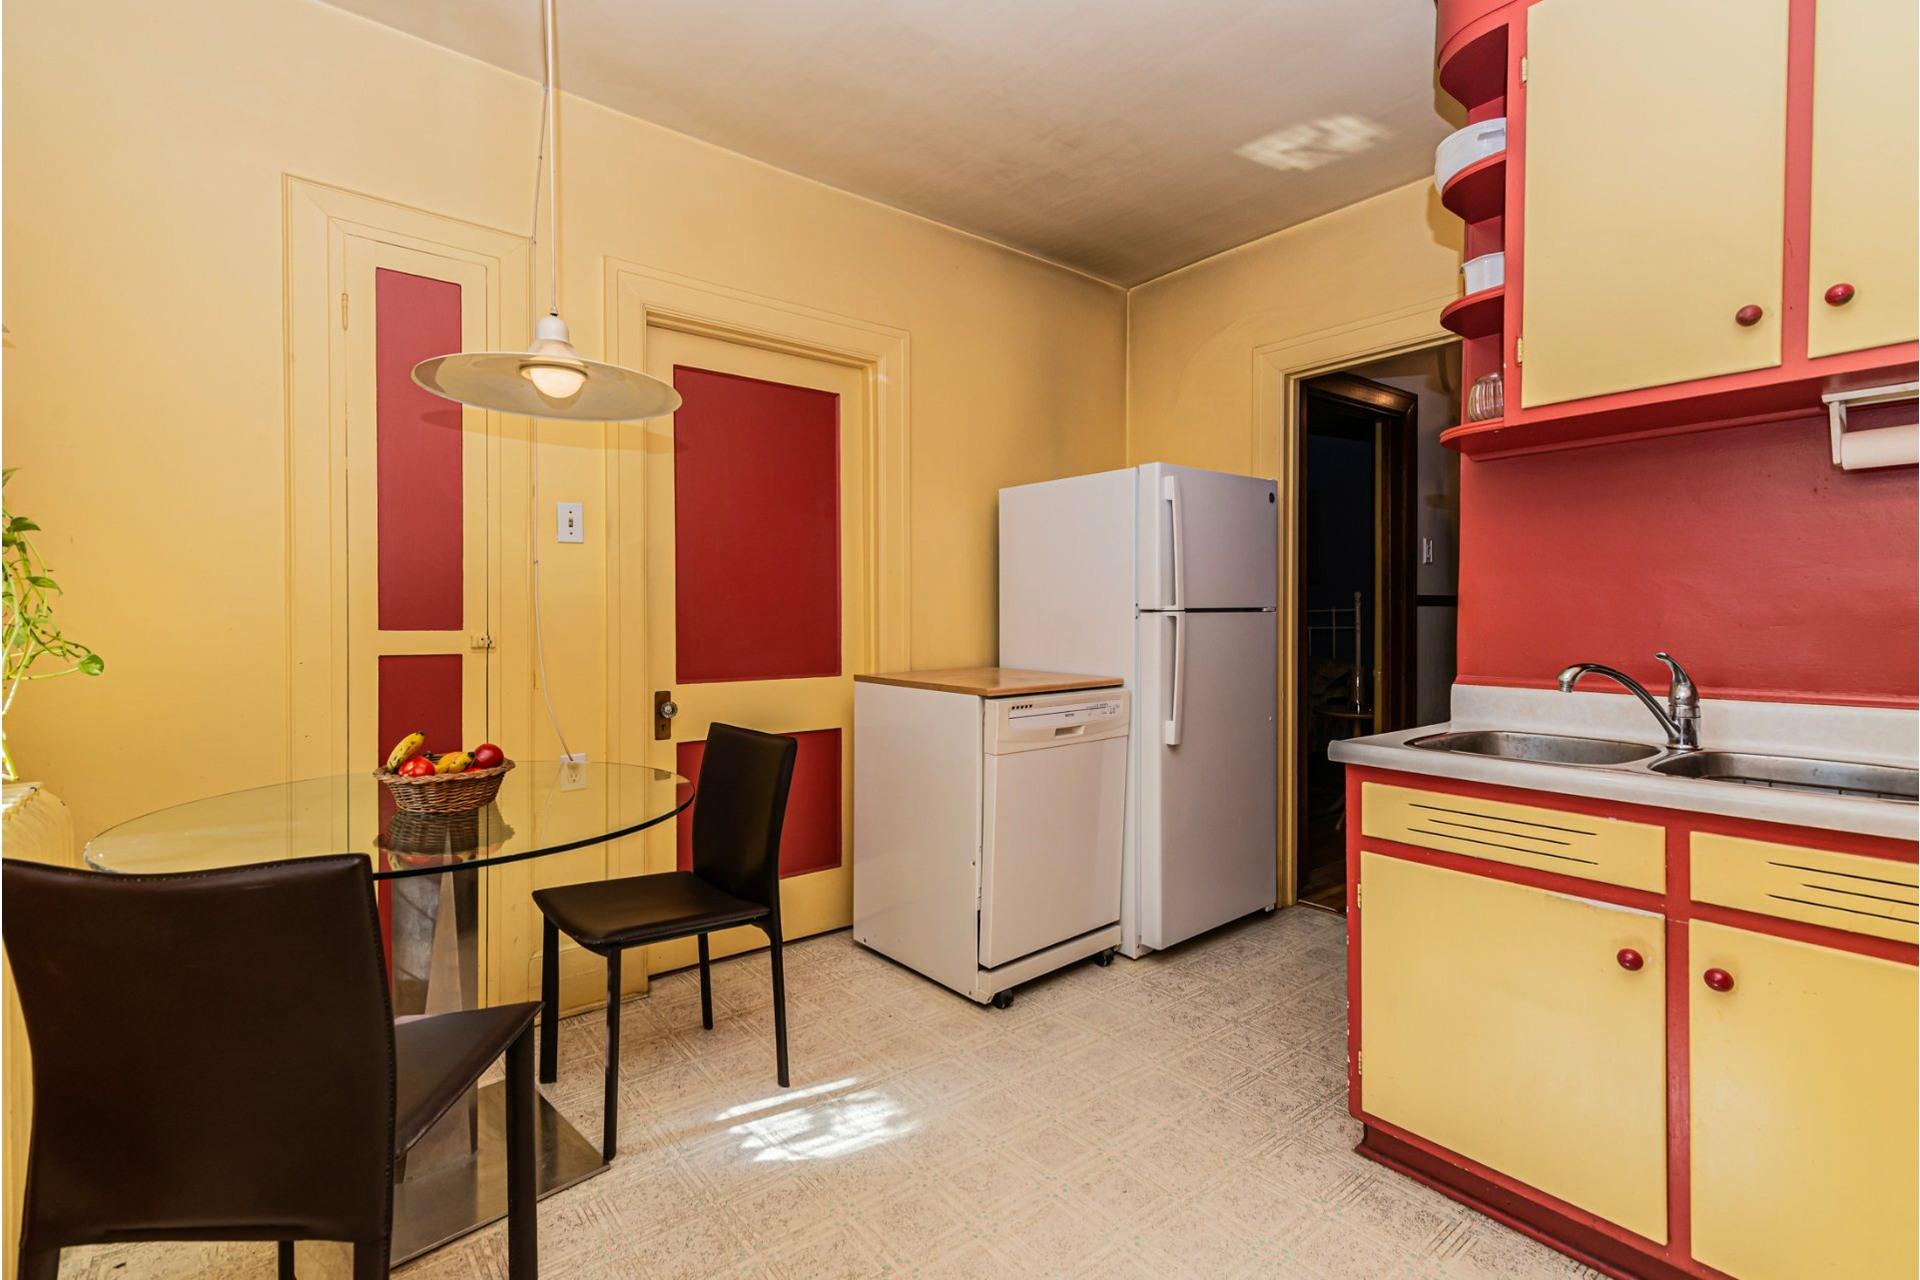 image 10 - Duplex À vendre Côte-des-Neiges/Notre-Dame-de-Grâce Montréal  - 6 pièces